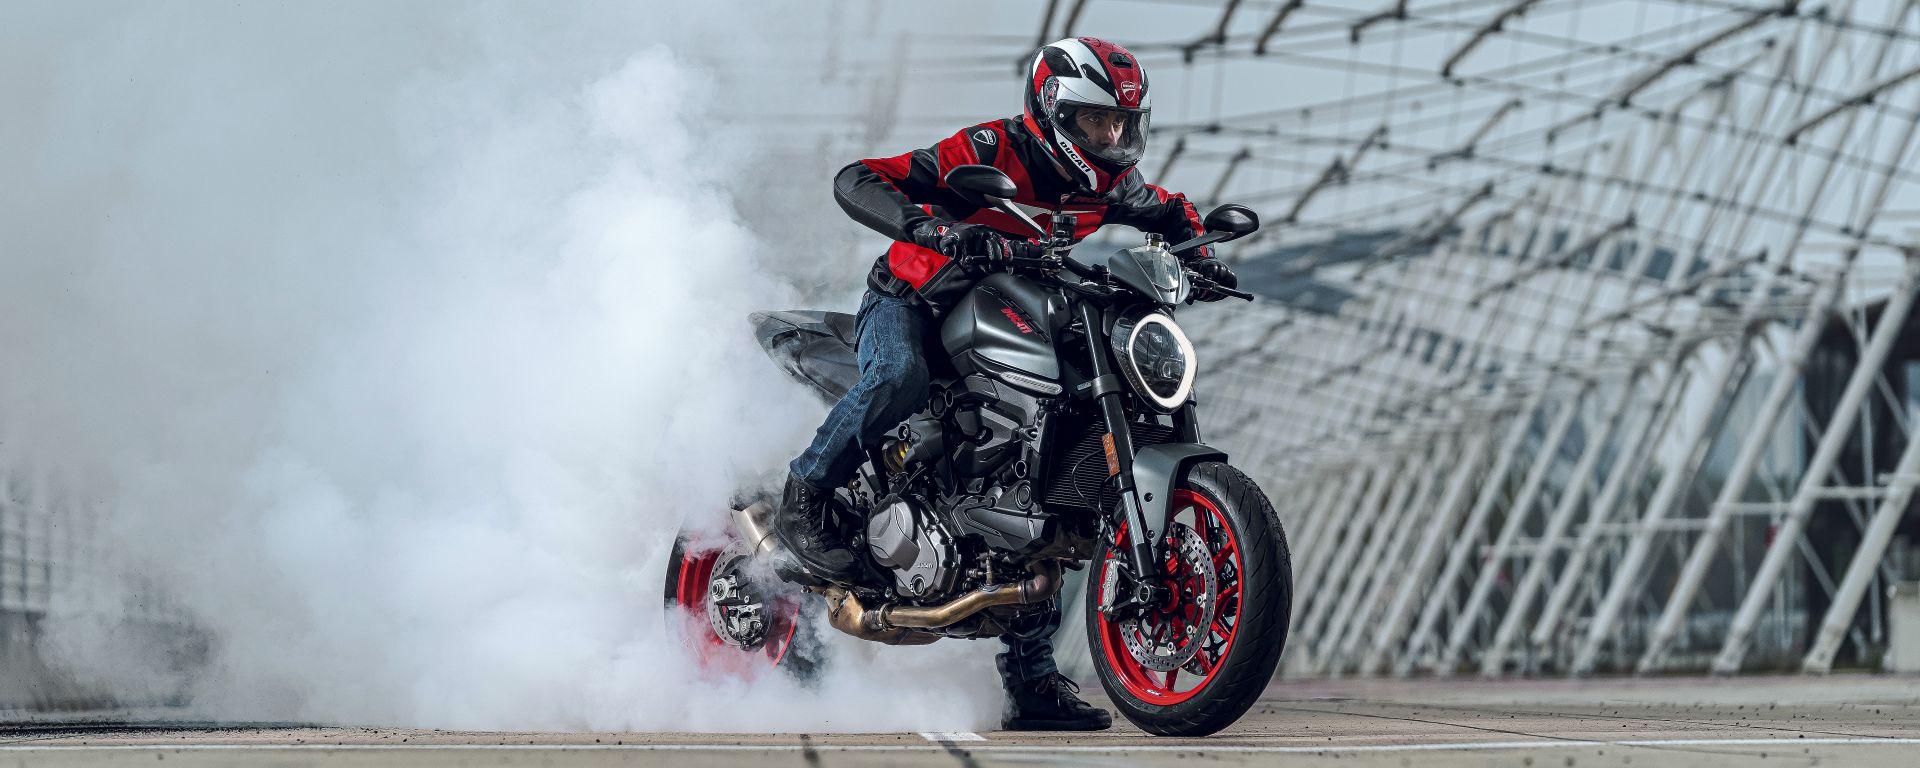 Ducati rivoluziona il Monster: addio traliccio, più tecnologia e motore Euro5